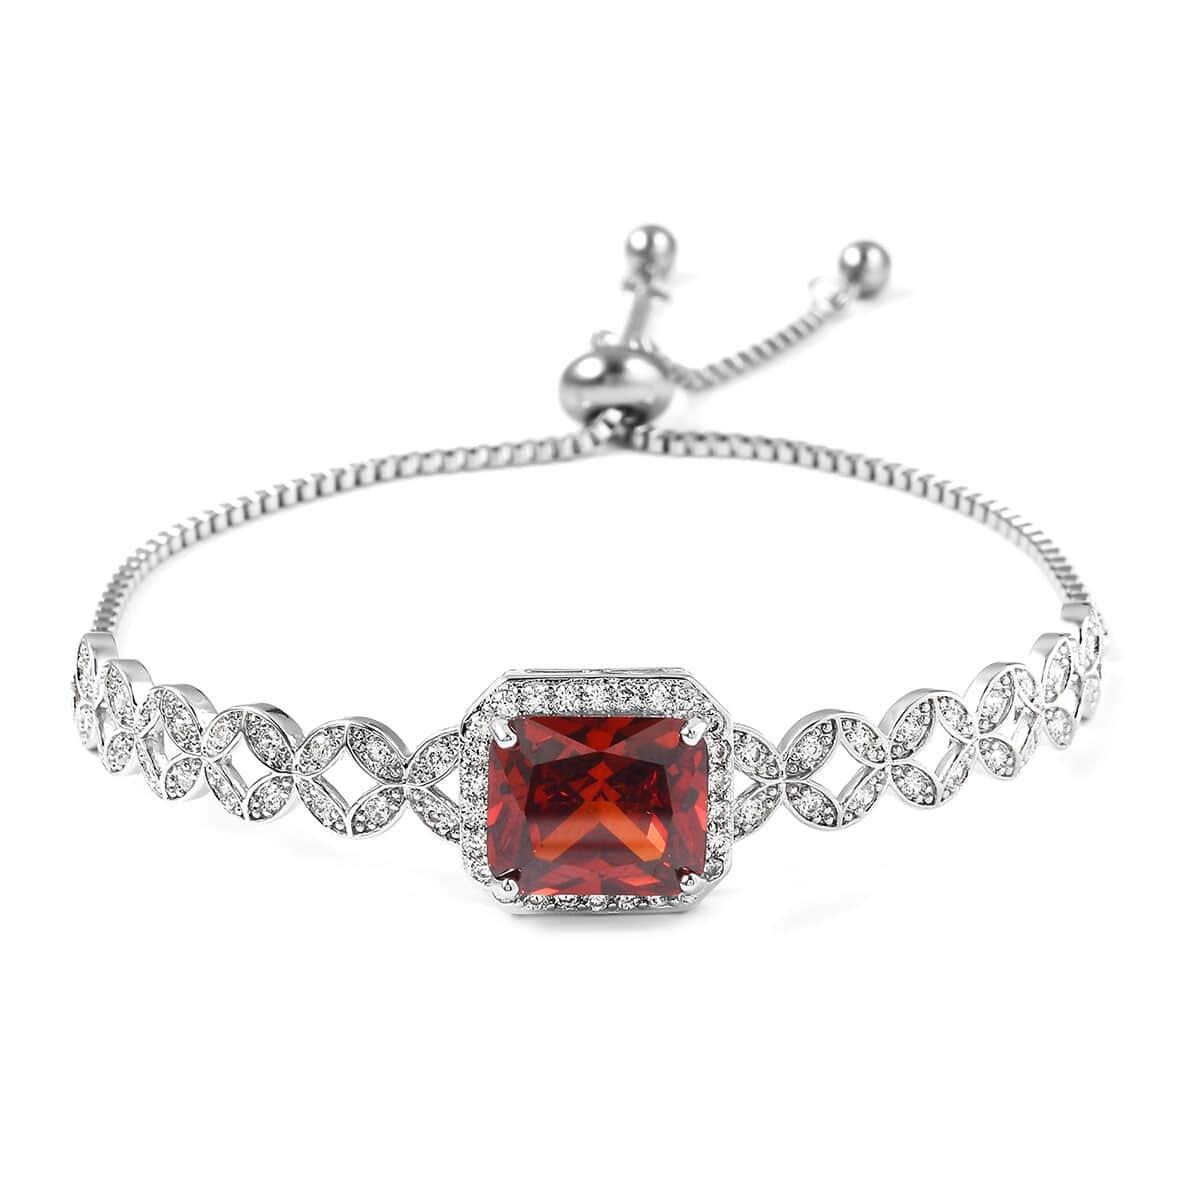 12-Color-Options-Cubic-Zirconia-Bracelet-Chain-Pendant-Necklace-Set-Adjustable thumbnail 81